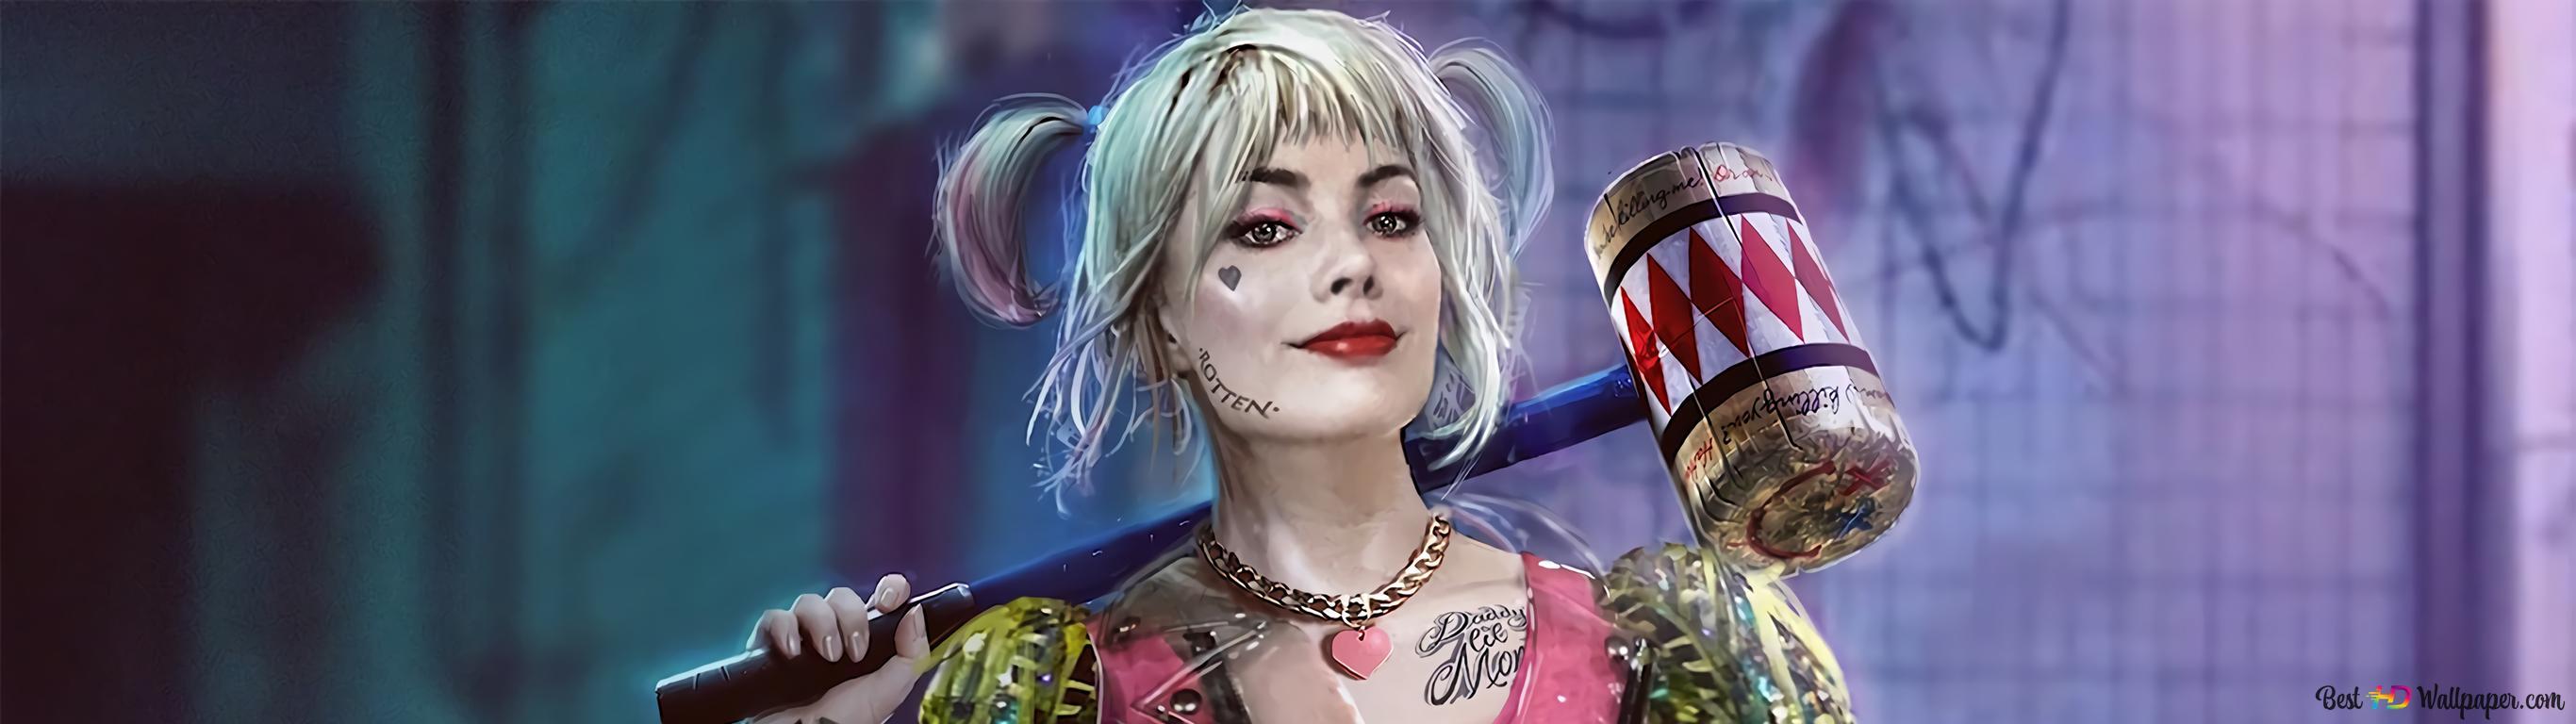 Birds Of Prey Harley Quinn Hammer Hd Wallpaper Download